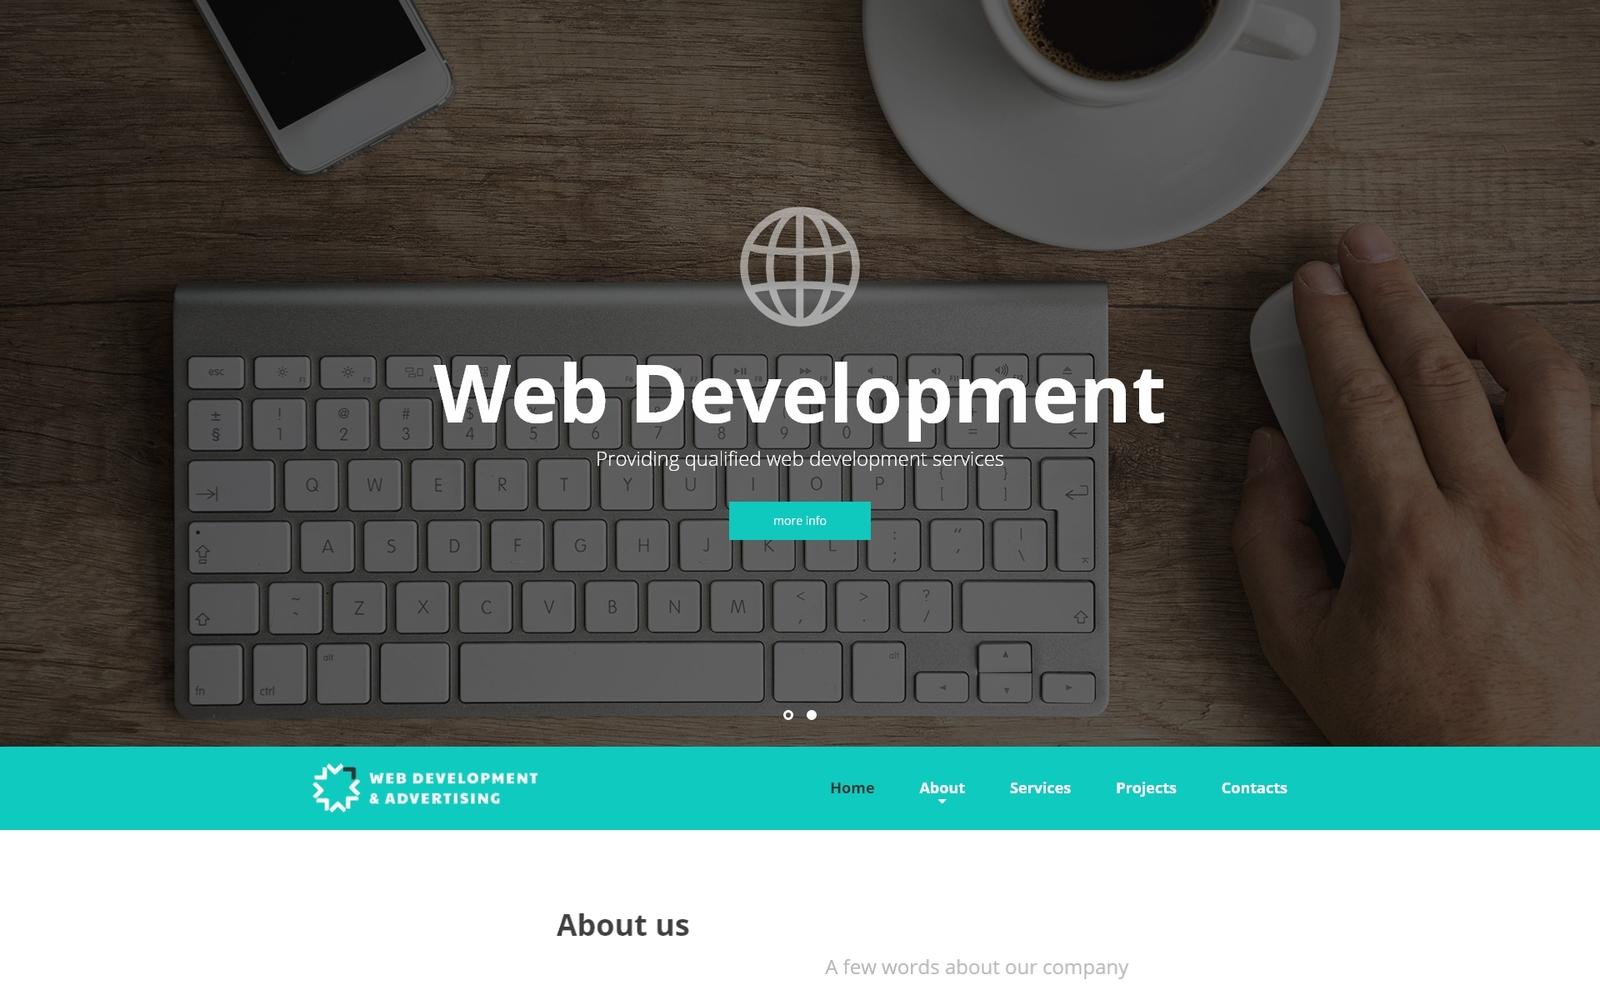 """Responzivní Šablona webových stránek """"Web Development & Advertising - Web Development Responsive"""" #52537"""